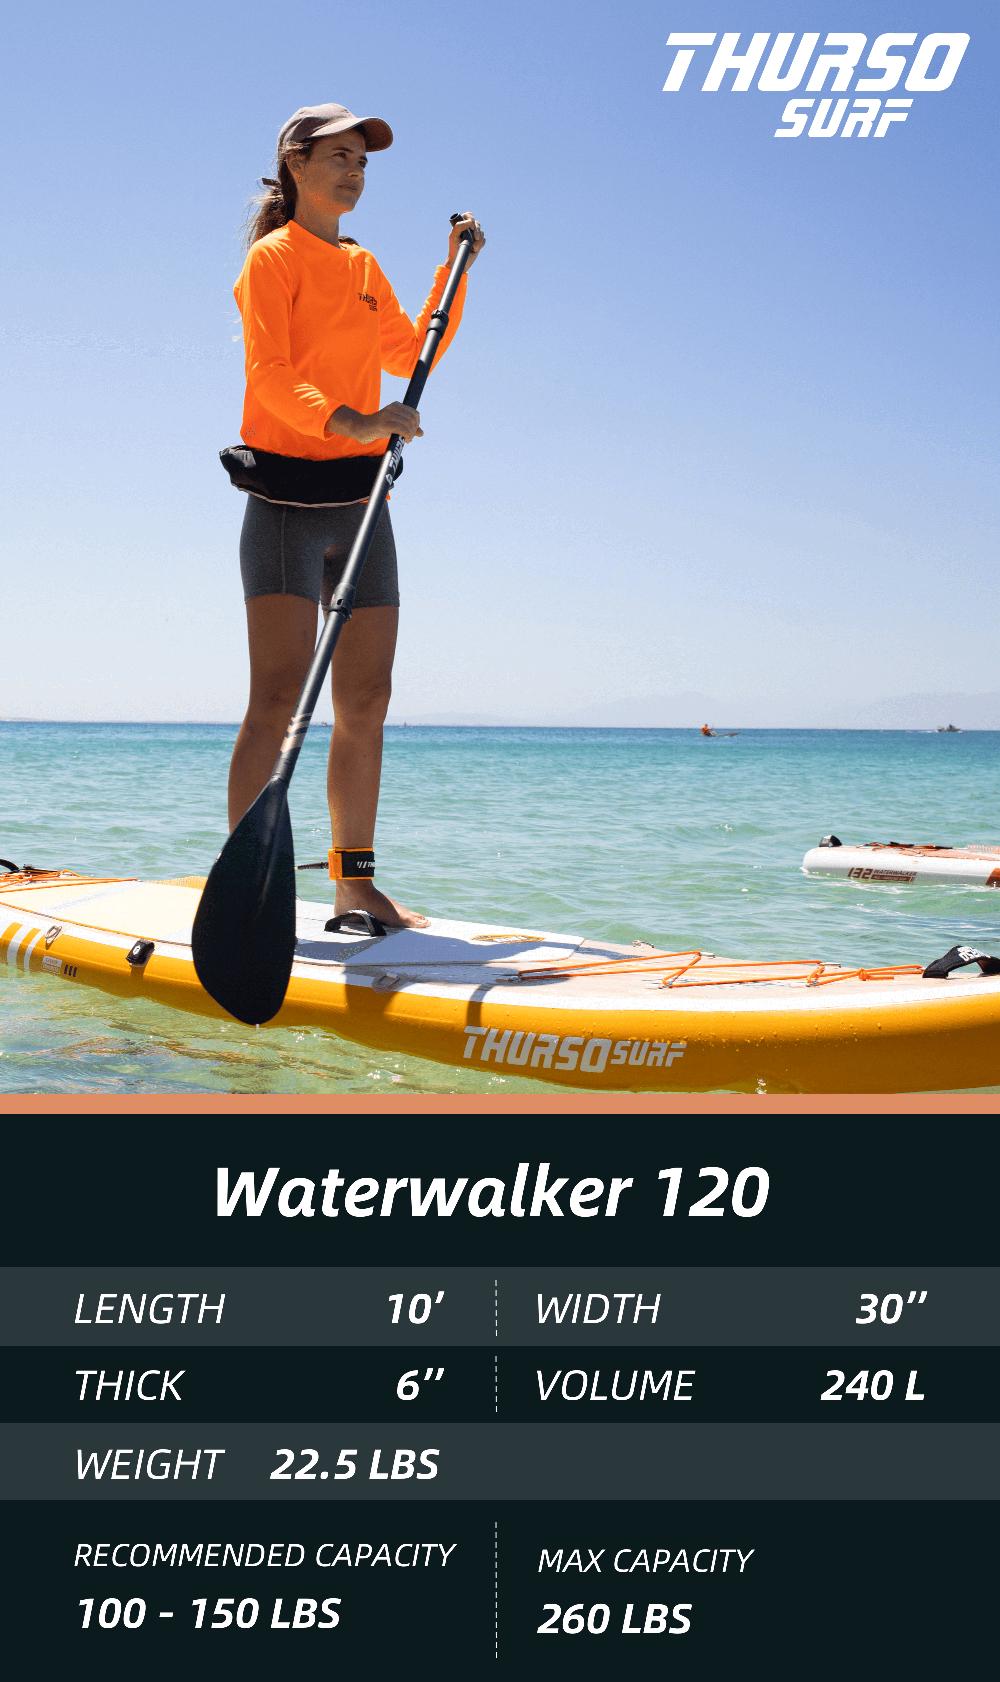 Thurso-Surf-Waterwalker-120-2021-specs-mobile